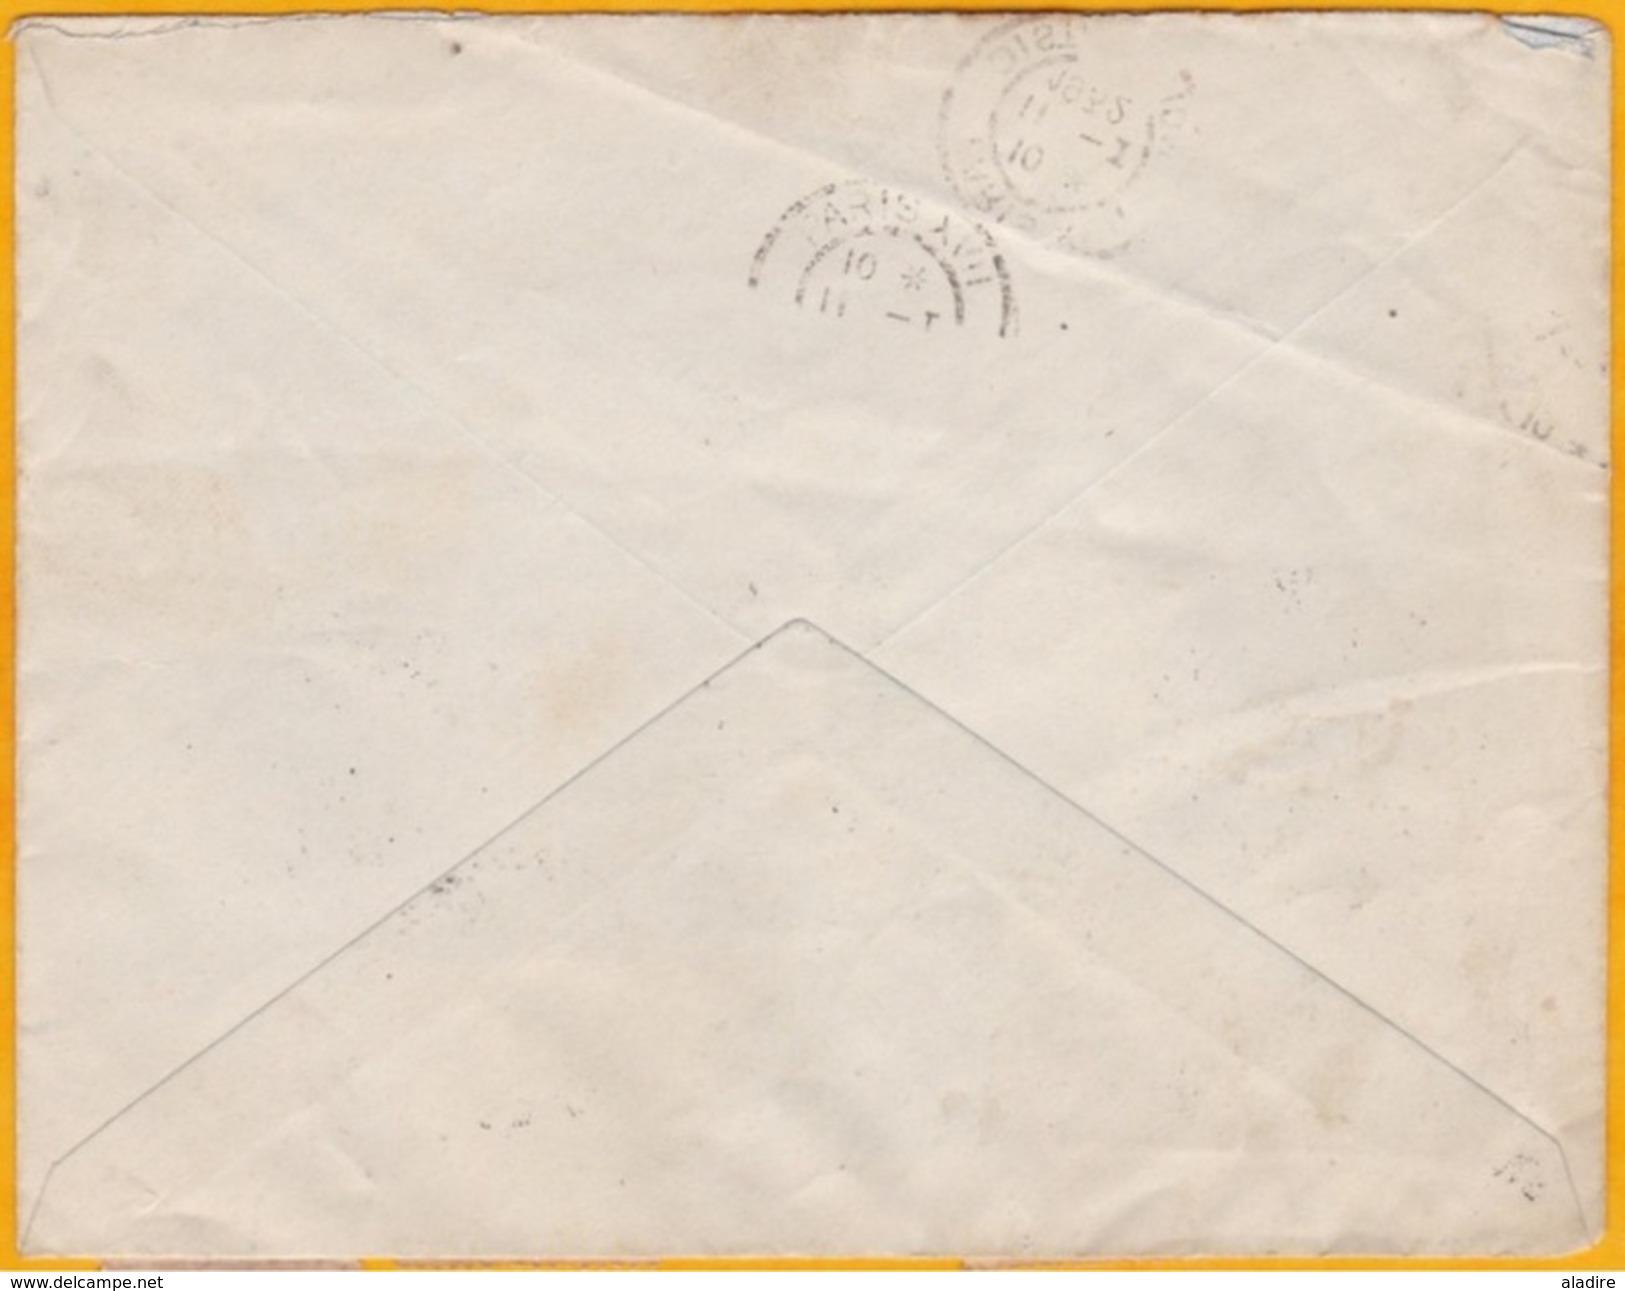 31 Décembre 1931 - Enveloppe De Valparaiso Par Avion Vers Paris - Via Ligne Mermoz - Cad Transit Et Arrivée - Chile